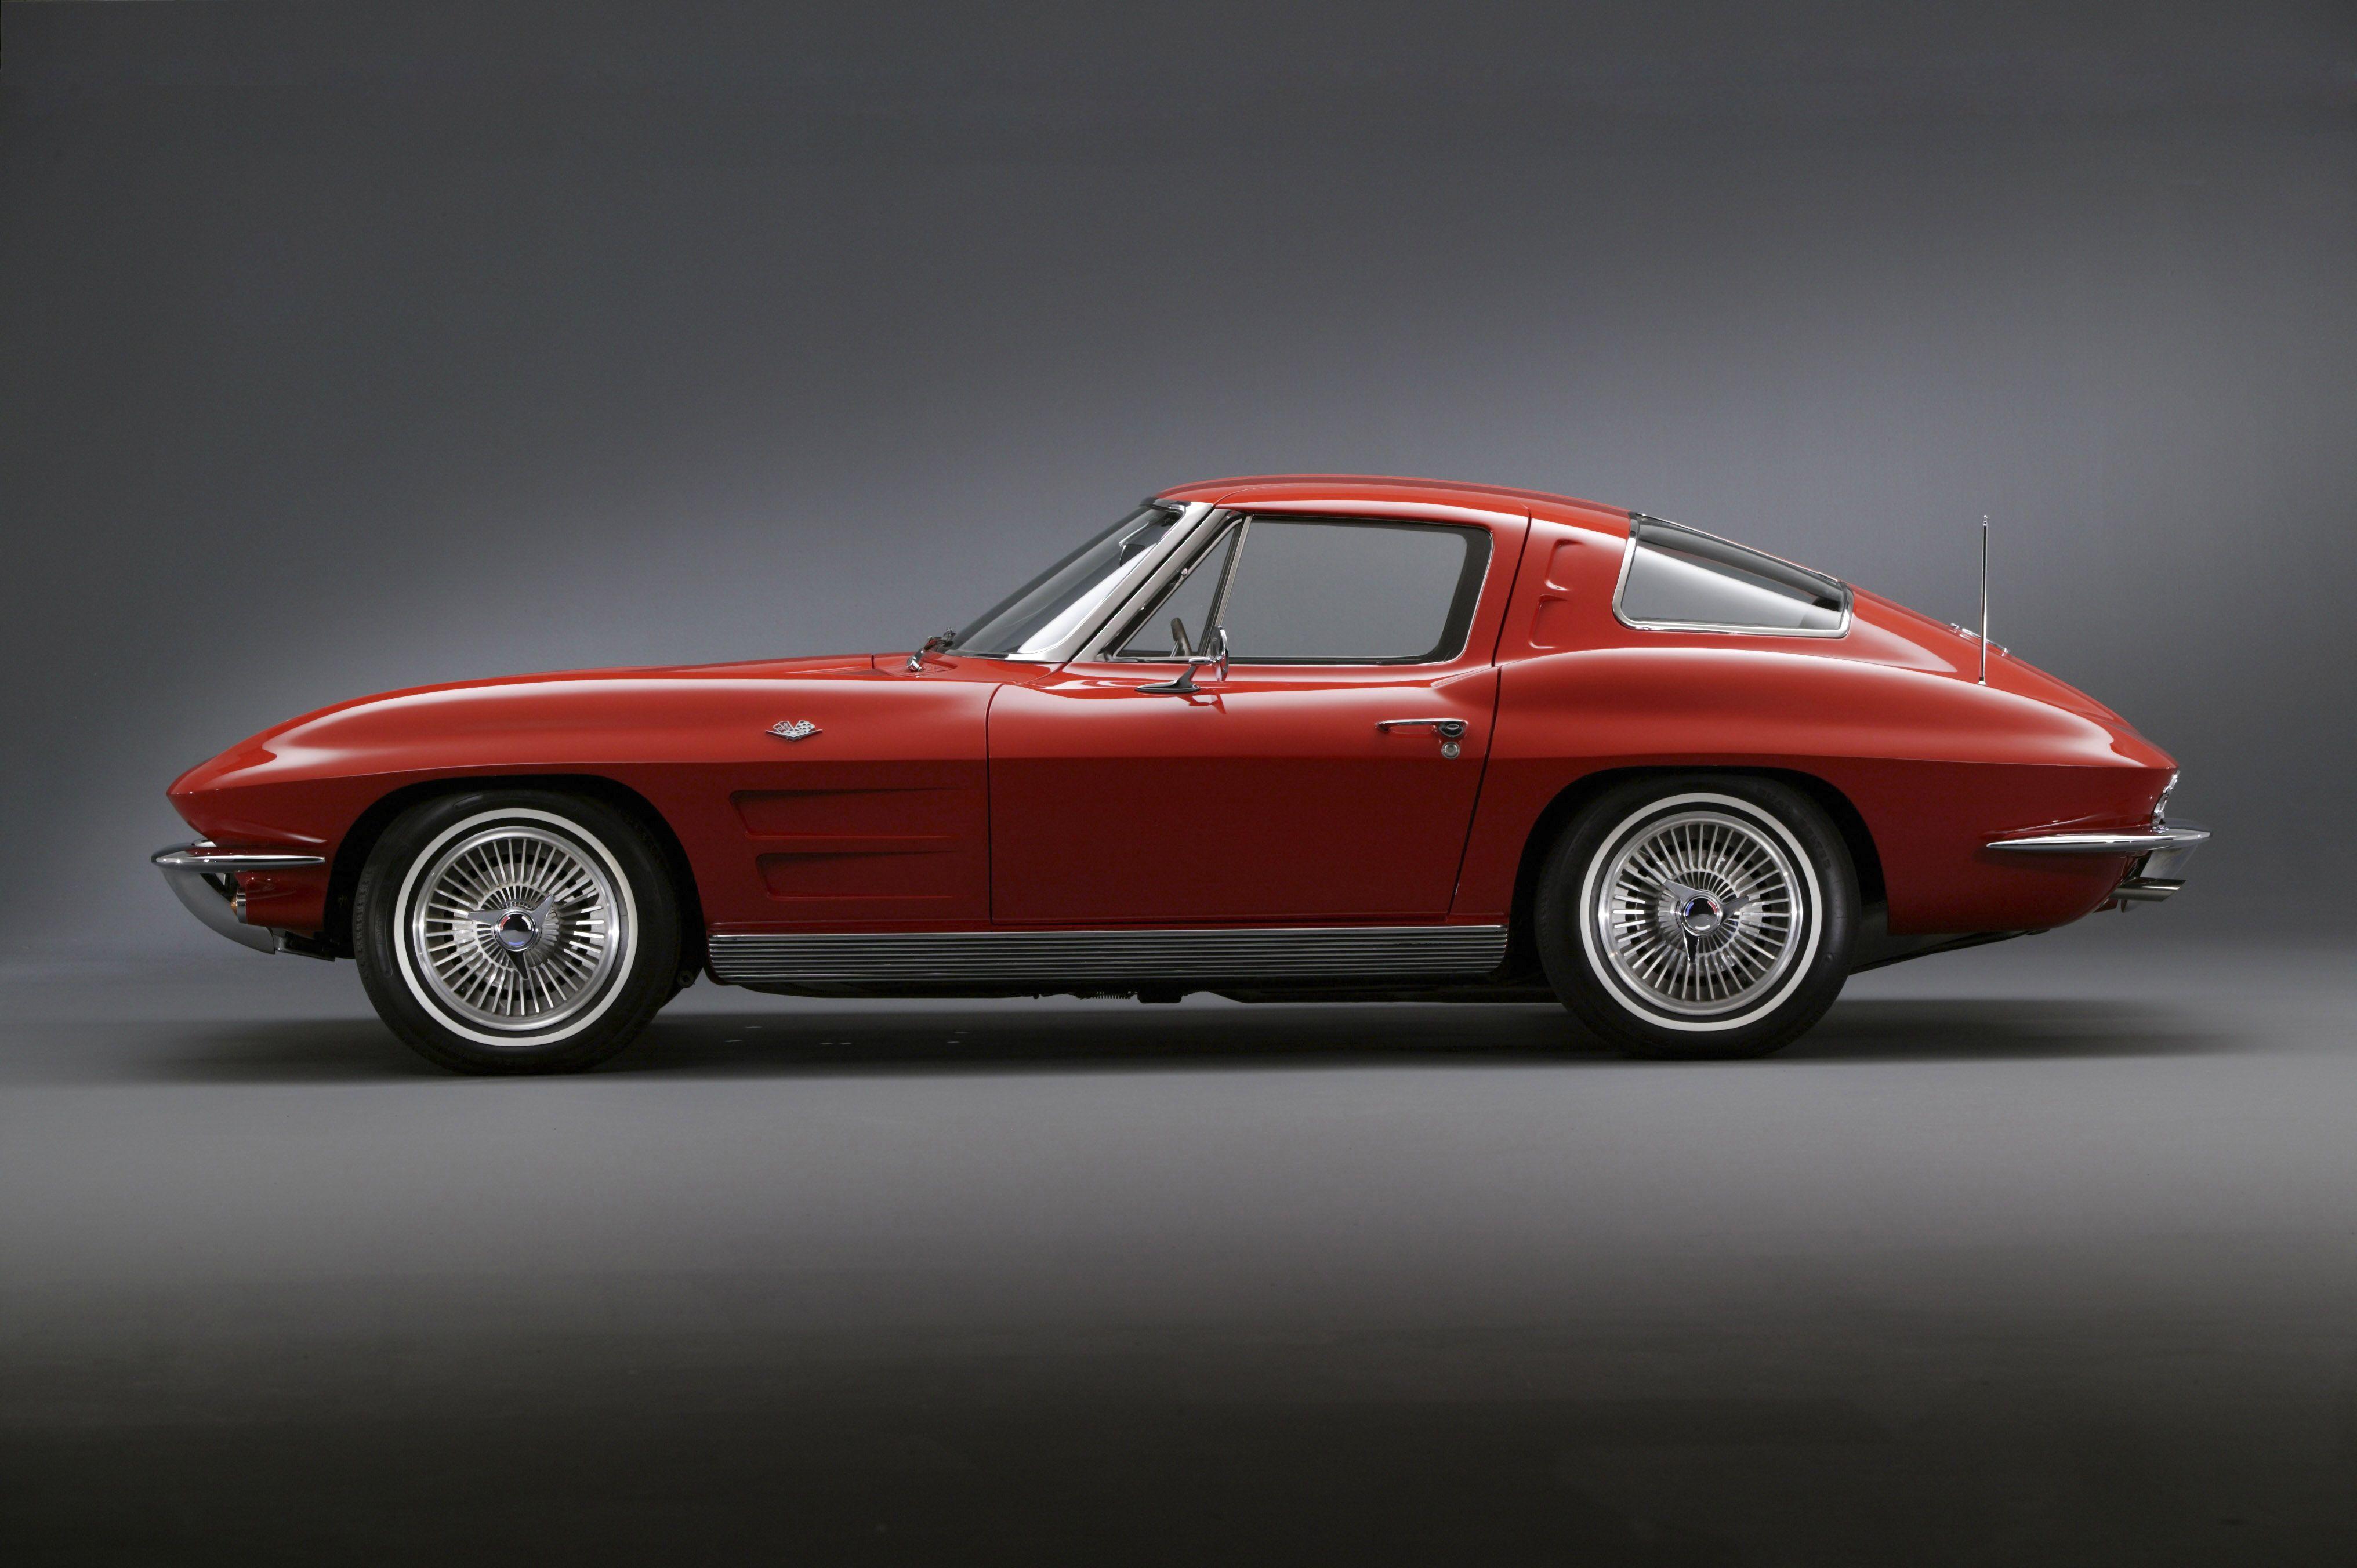 1963 corvette stingray automotivation pinterest. Cars Review. Best American Auto & Cars Review